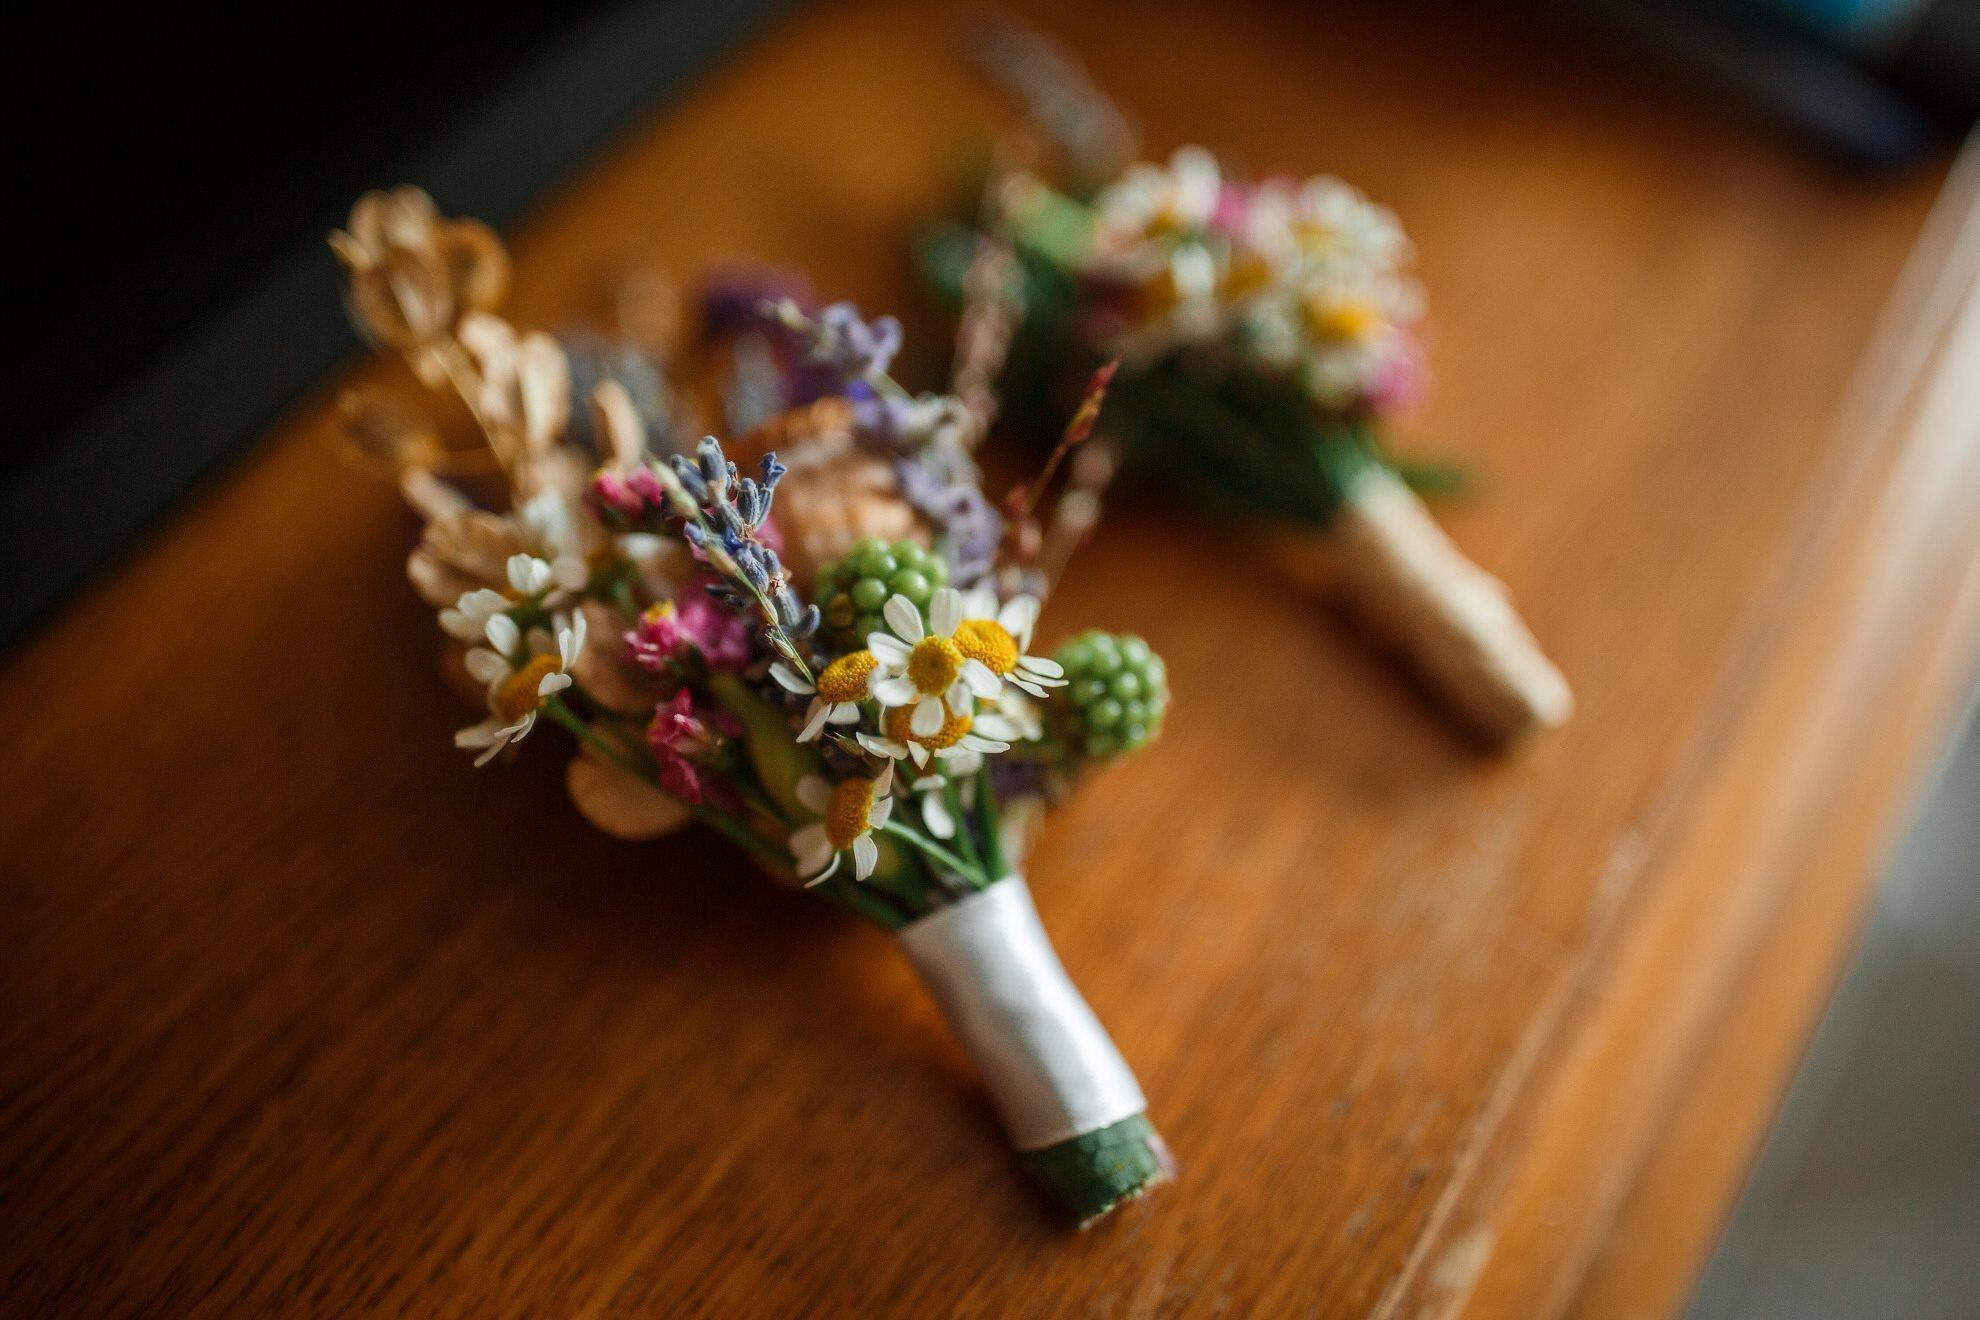 3fbf29c9251d Záhradníctvo Javorovci - Vaša svadba plná čarovných lúčnych kvetov ...